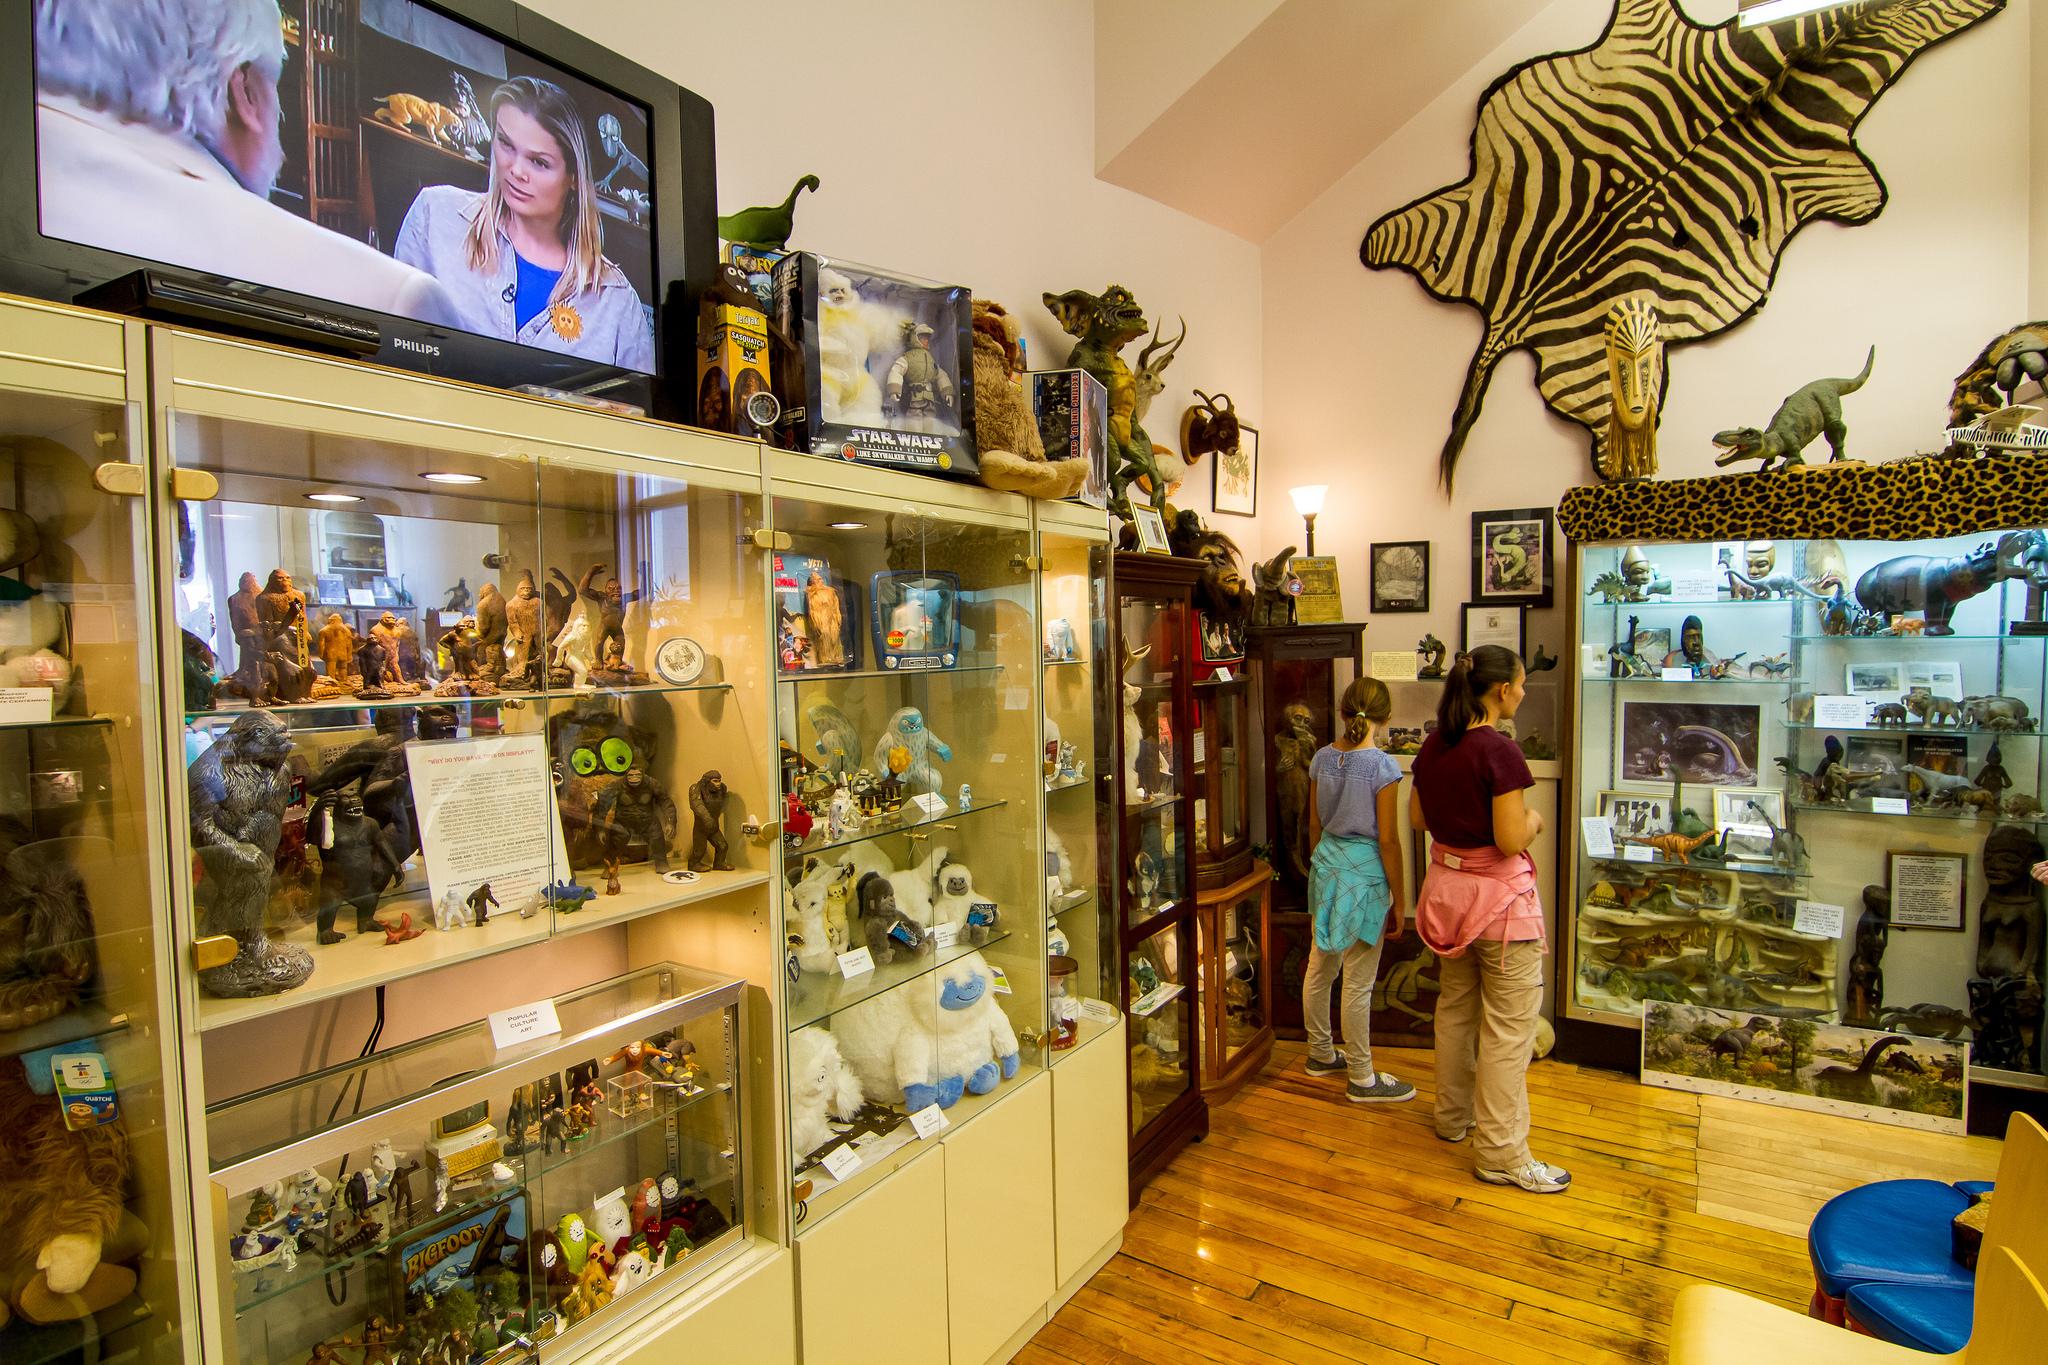 Worlds  Weirdest Museums CNN Travel - Unusual museums in us